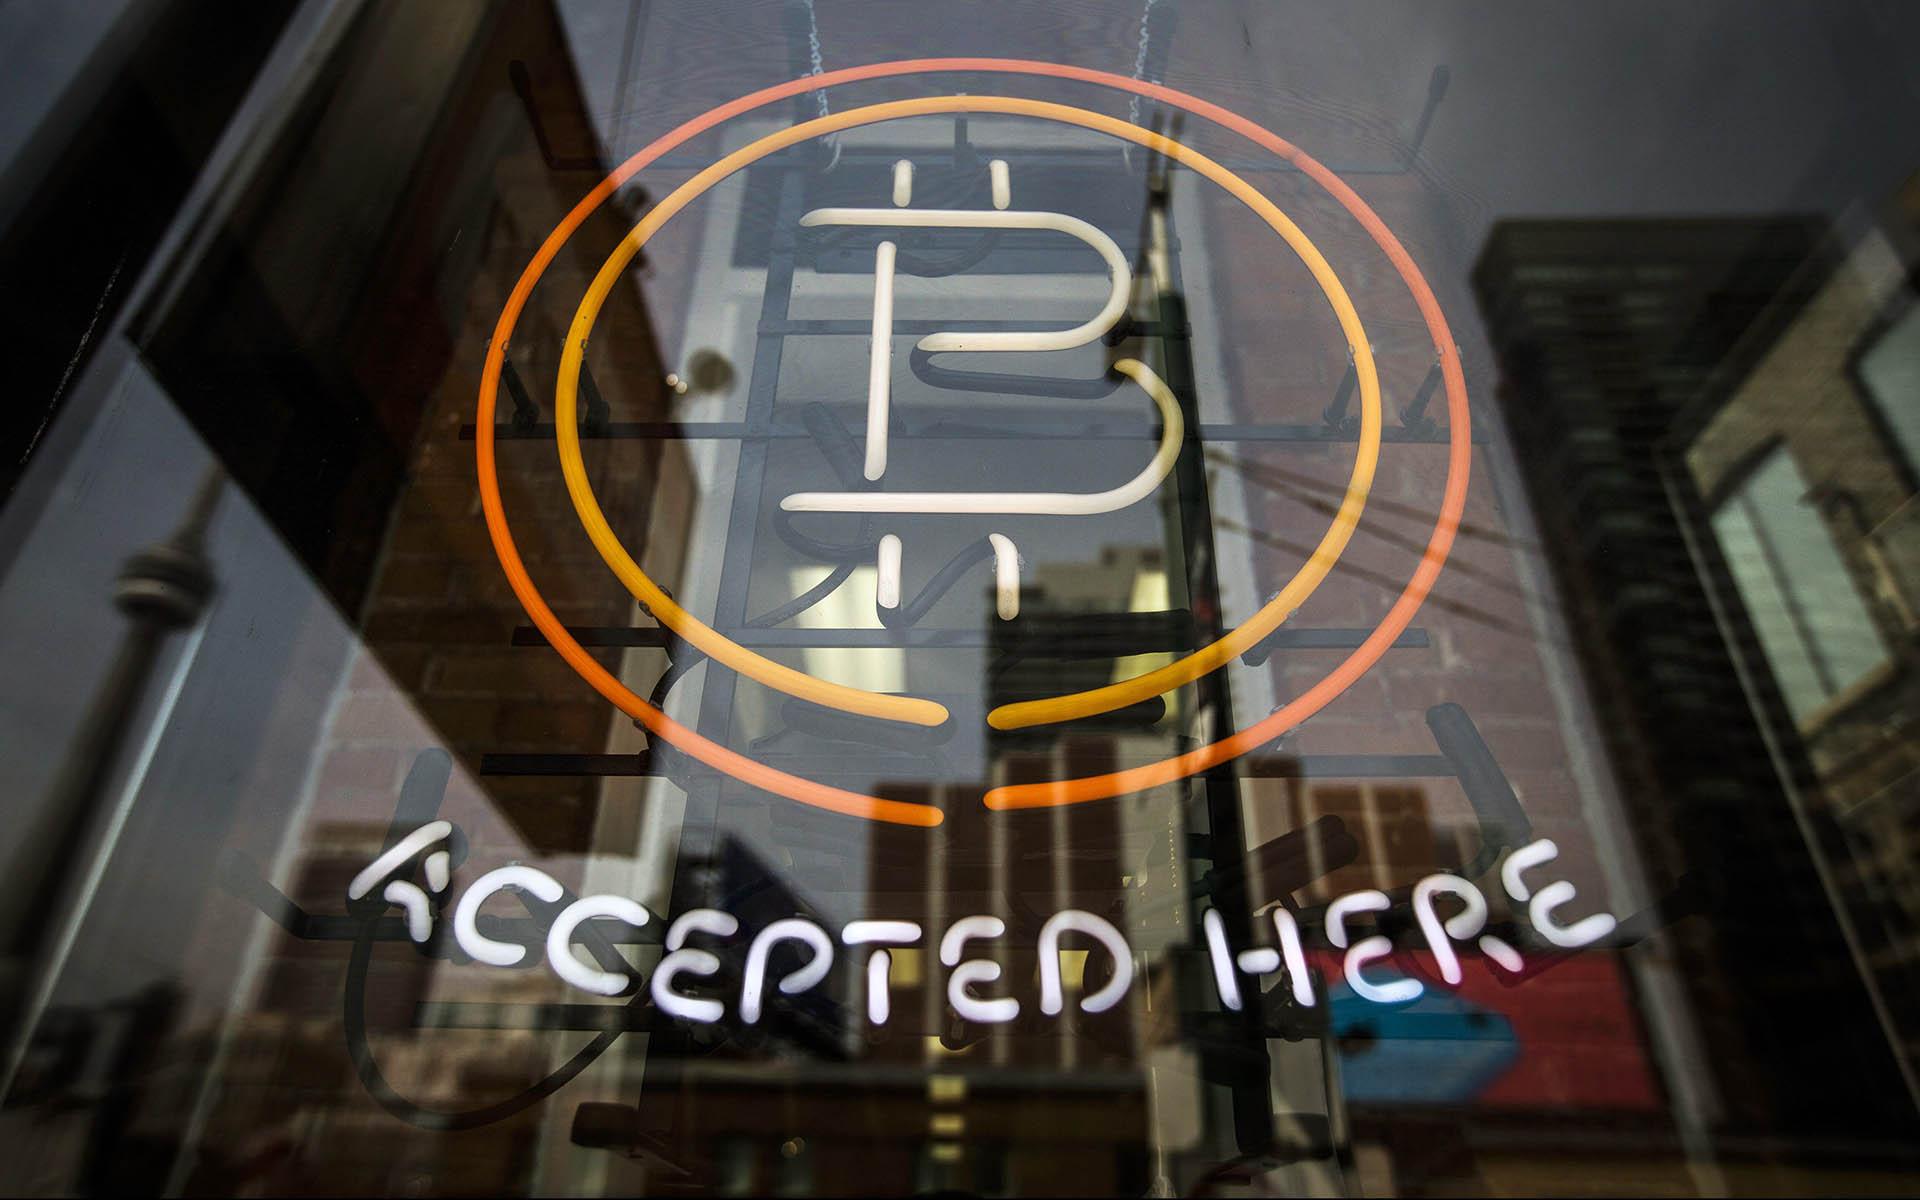 Criptomoedas estão sendo pouco usadas para pagamentos, mostra pesquisa